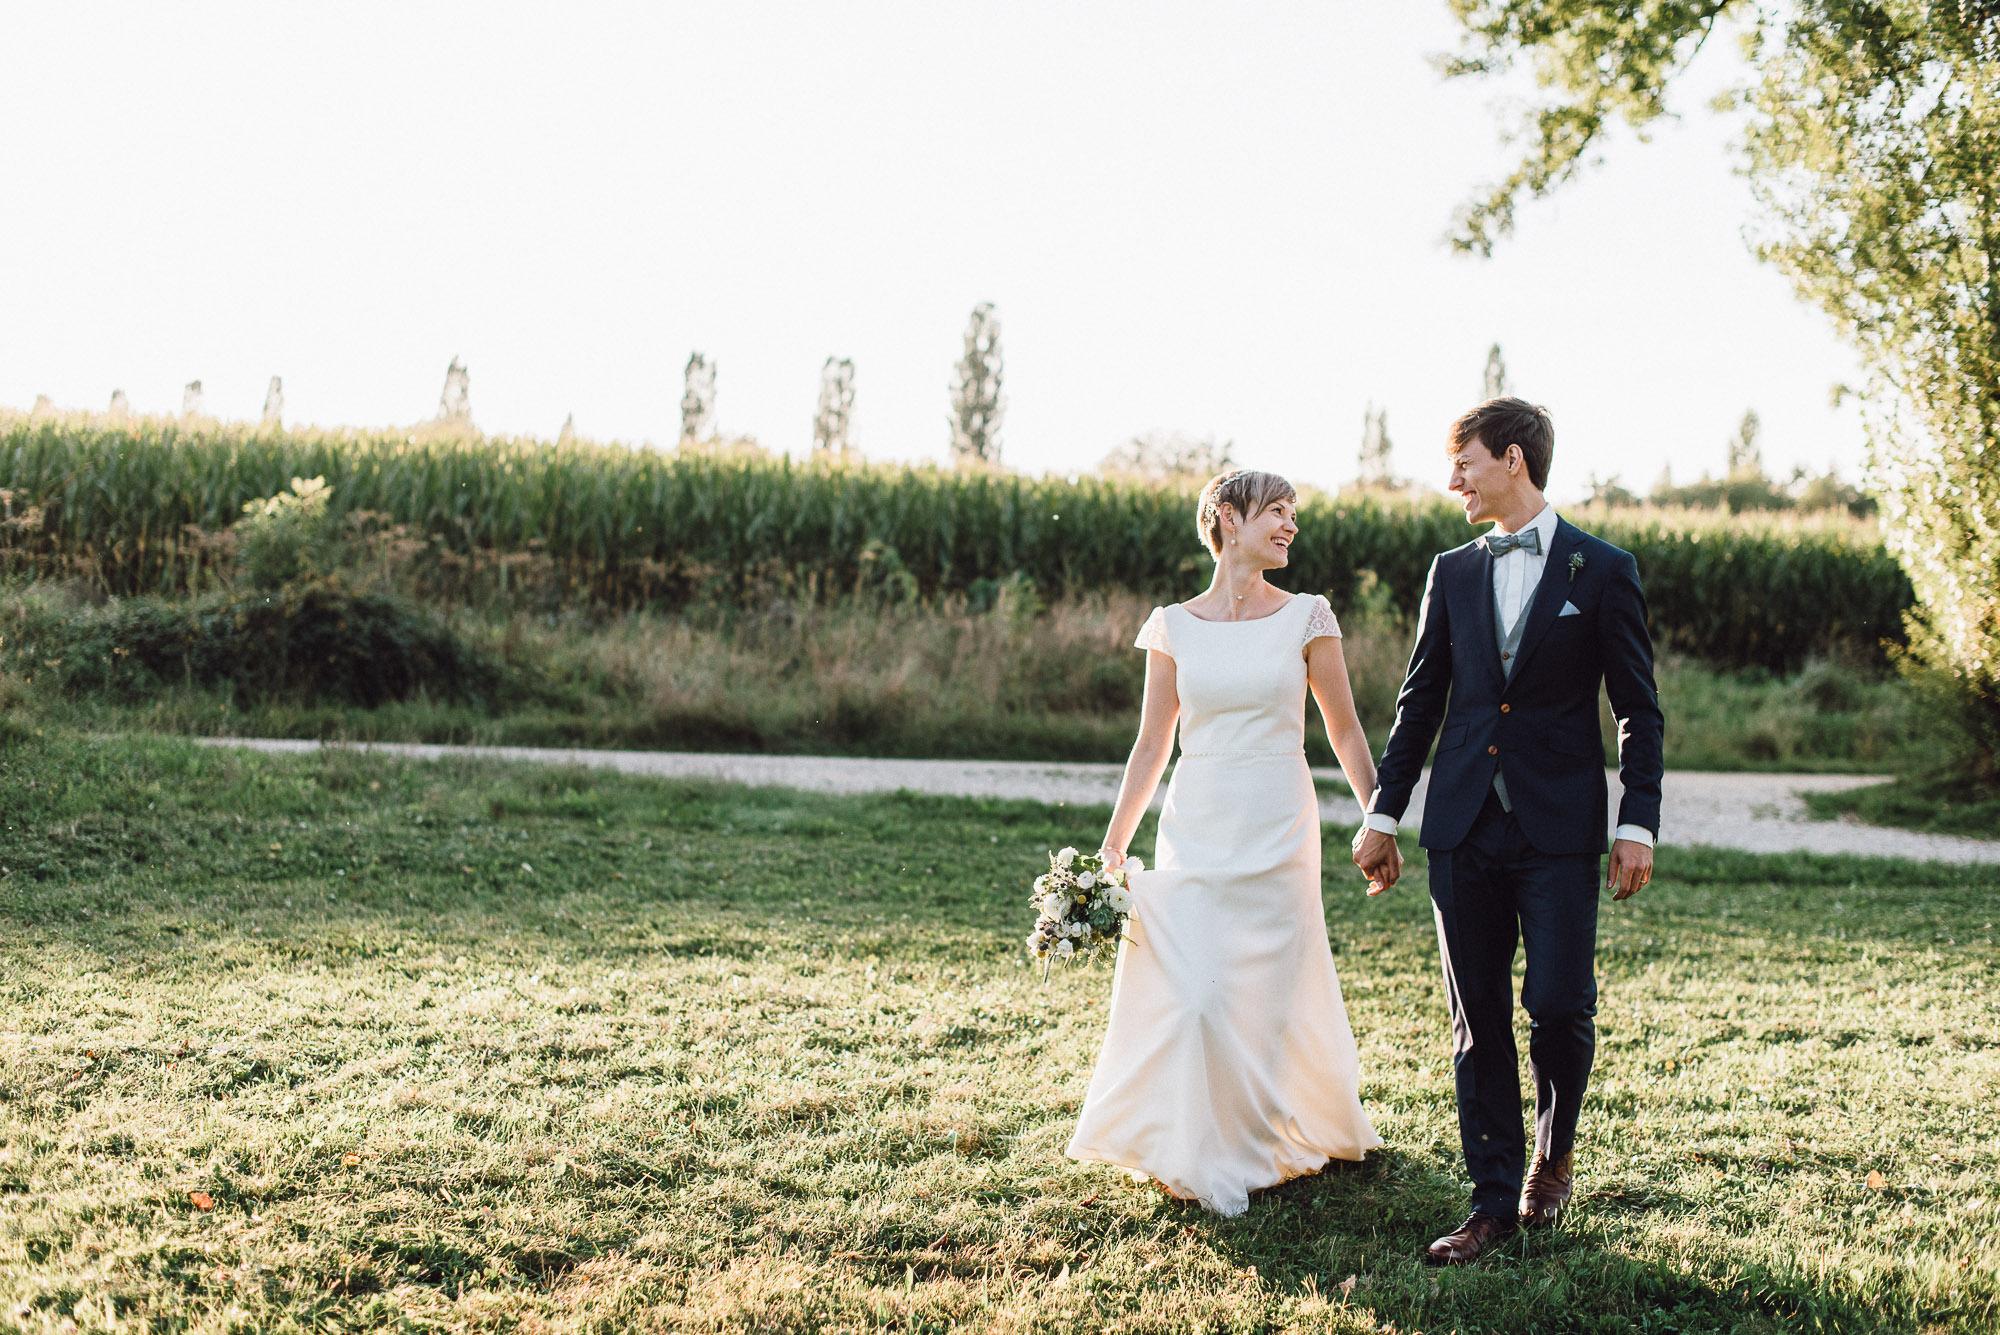 greenery-wedding-hochzeit-prielhof-sukkulenten-scheyern-lauraelenaphotography-079